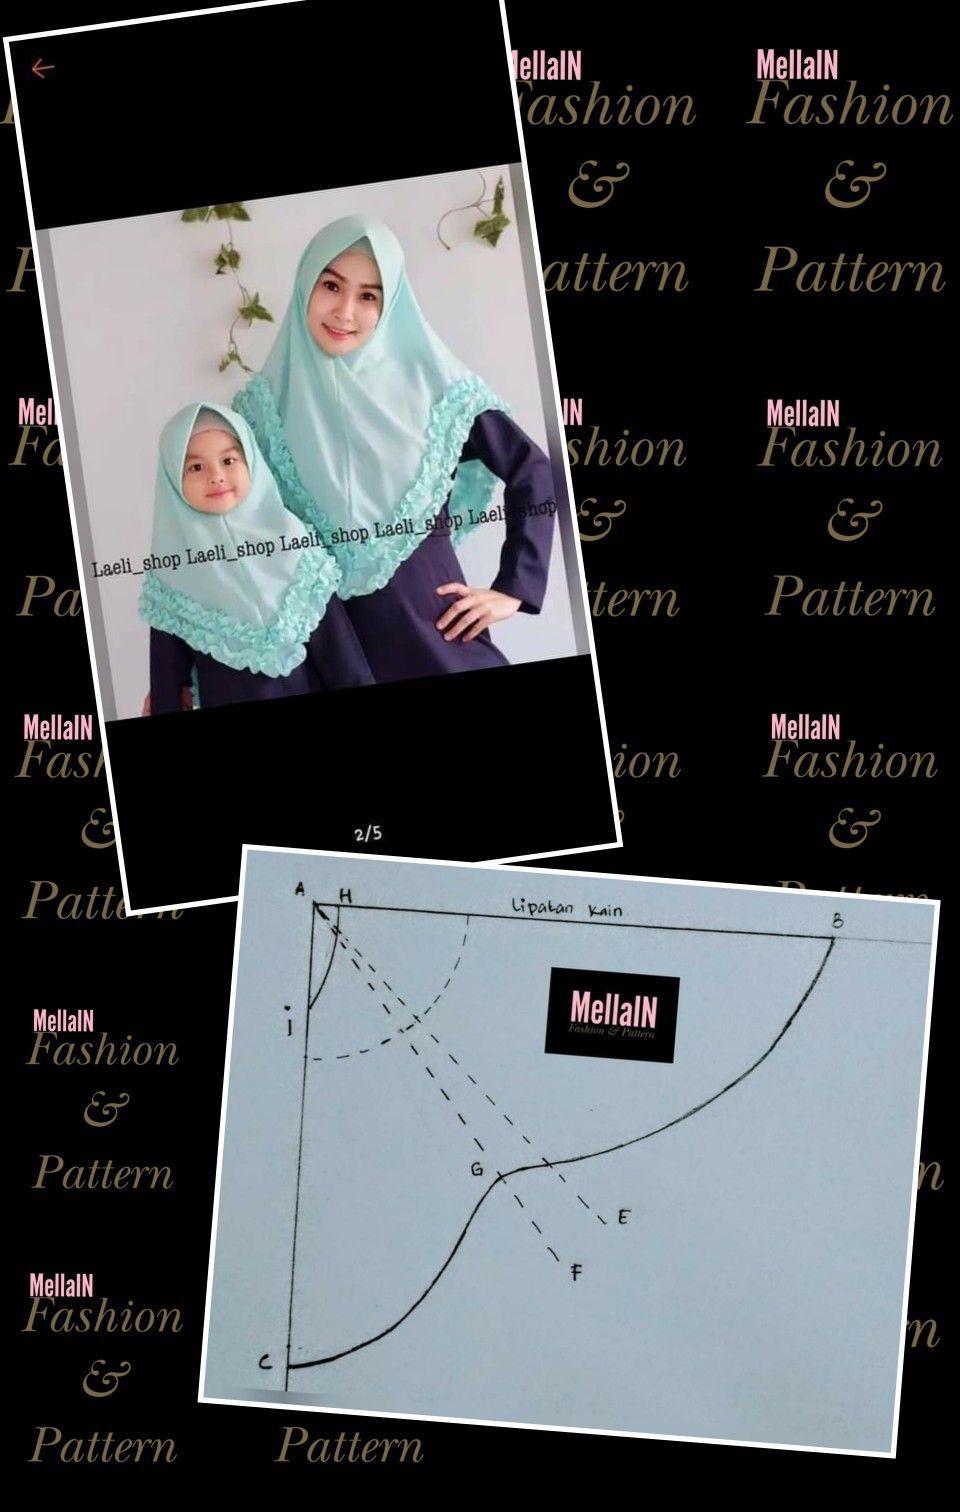 Khimar Di 2020 Pola Jahitan Kursus Hijab Pola Menjahit Gratis